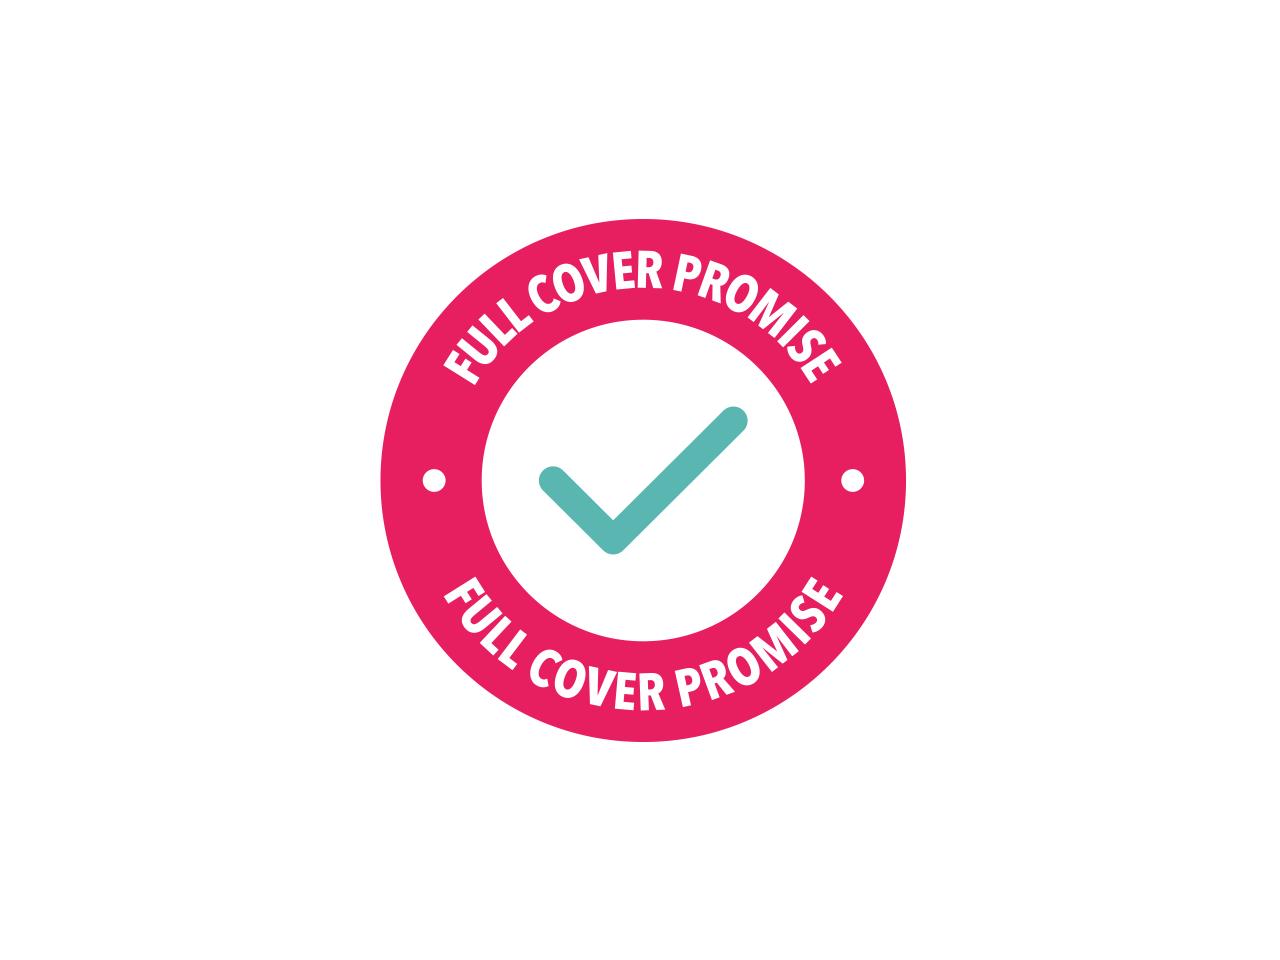 Full Cover Promise